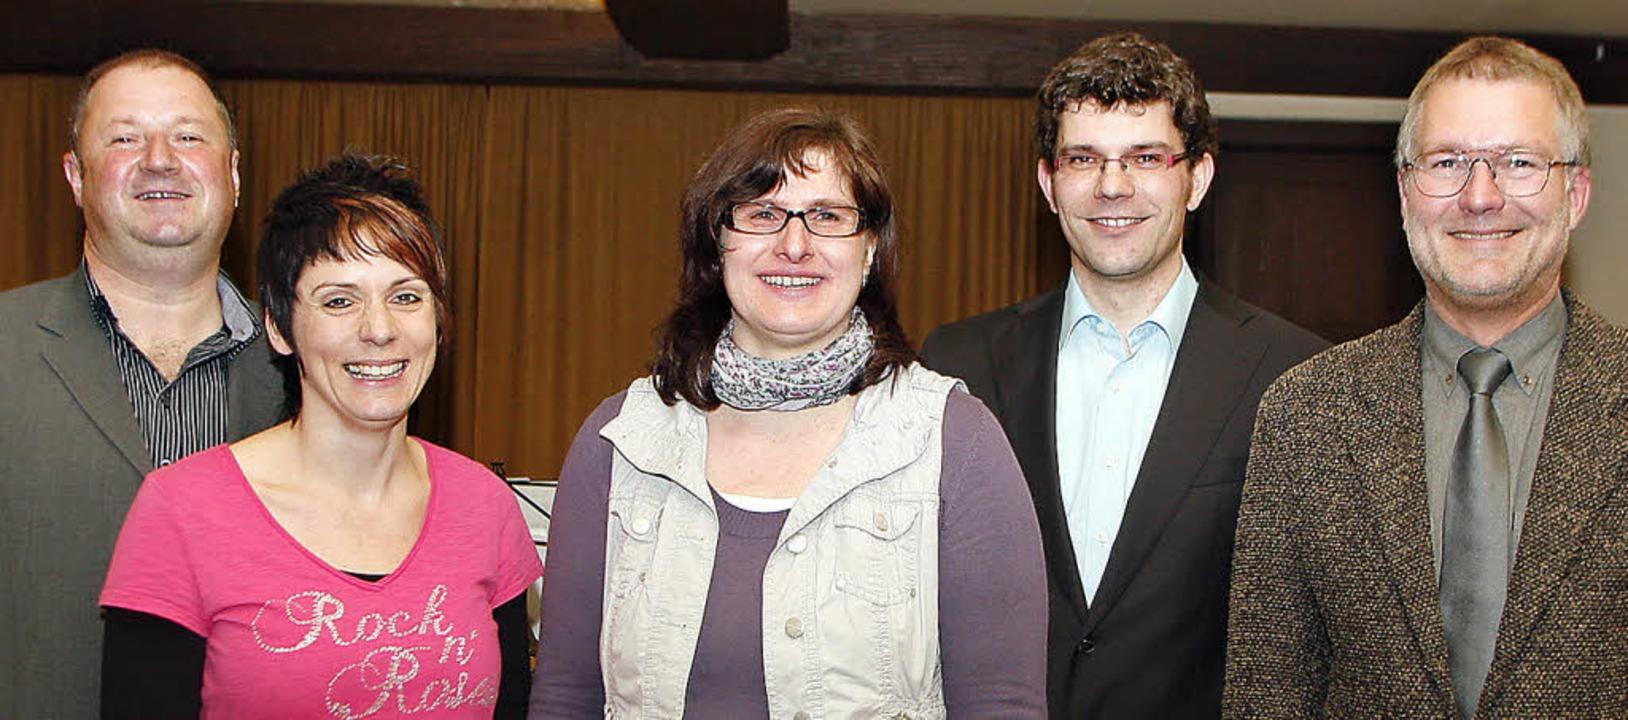 Neues Führungsteam des Musikvereins zu..., Bernd Schüssele und Hermann Ohnemus   | Foto: Heidi Fössel